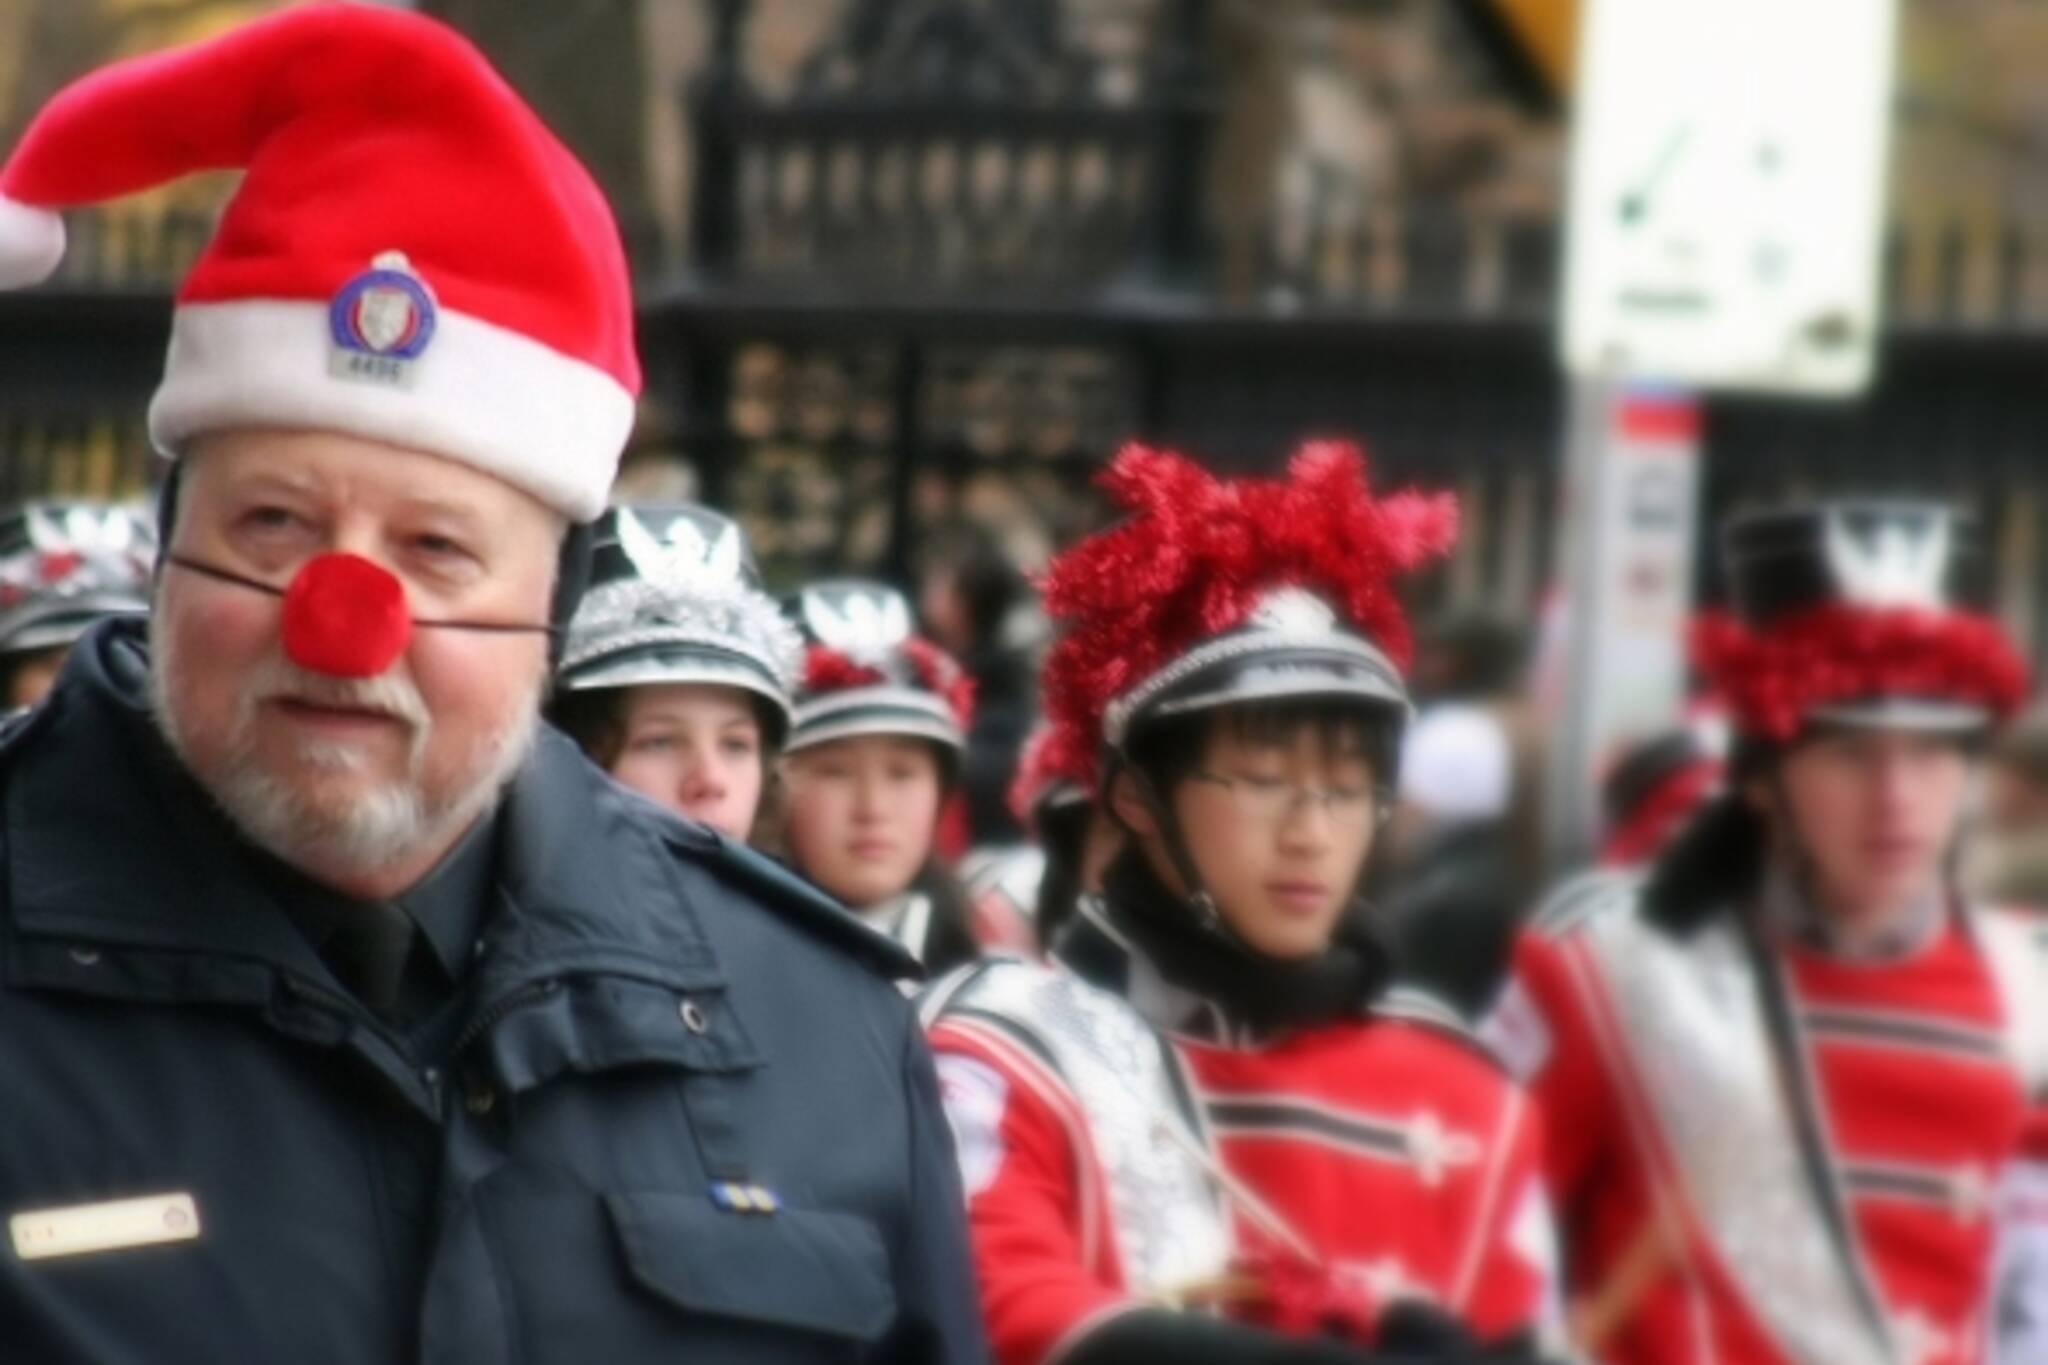 Santa Cop keeps watch